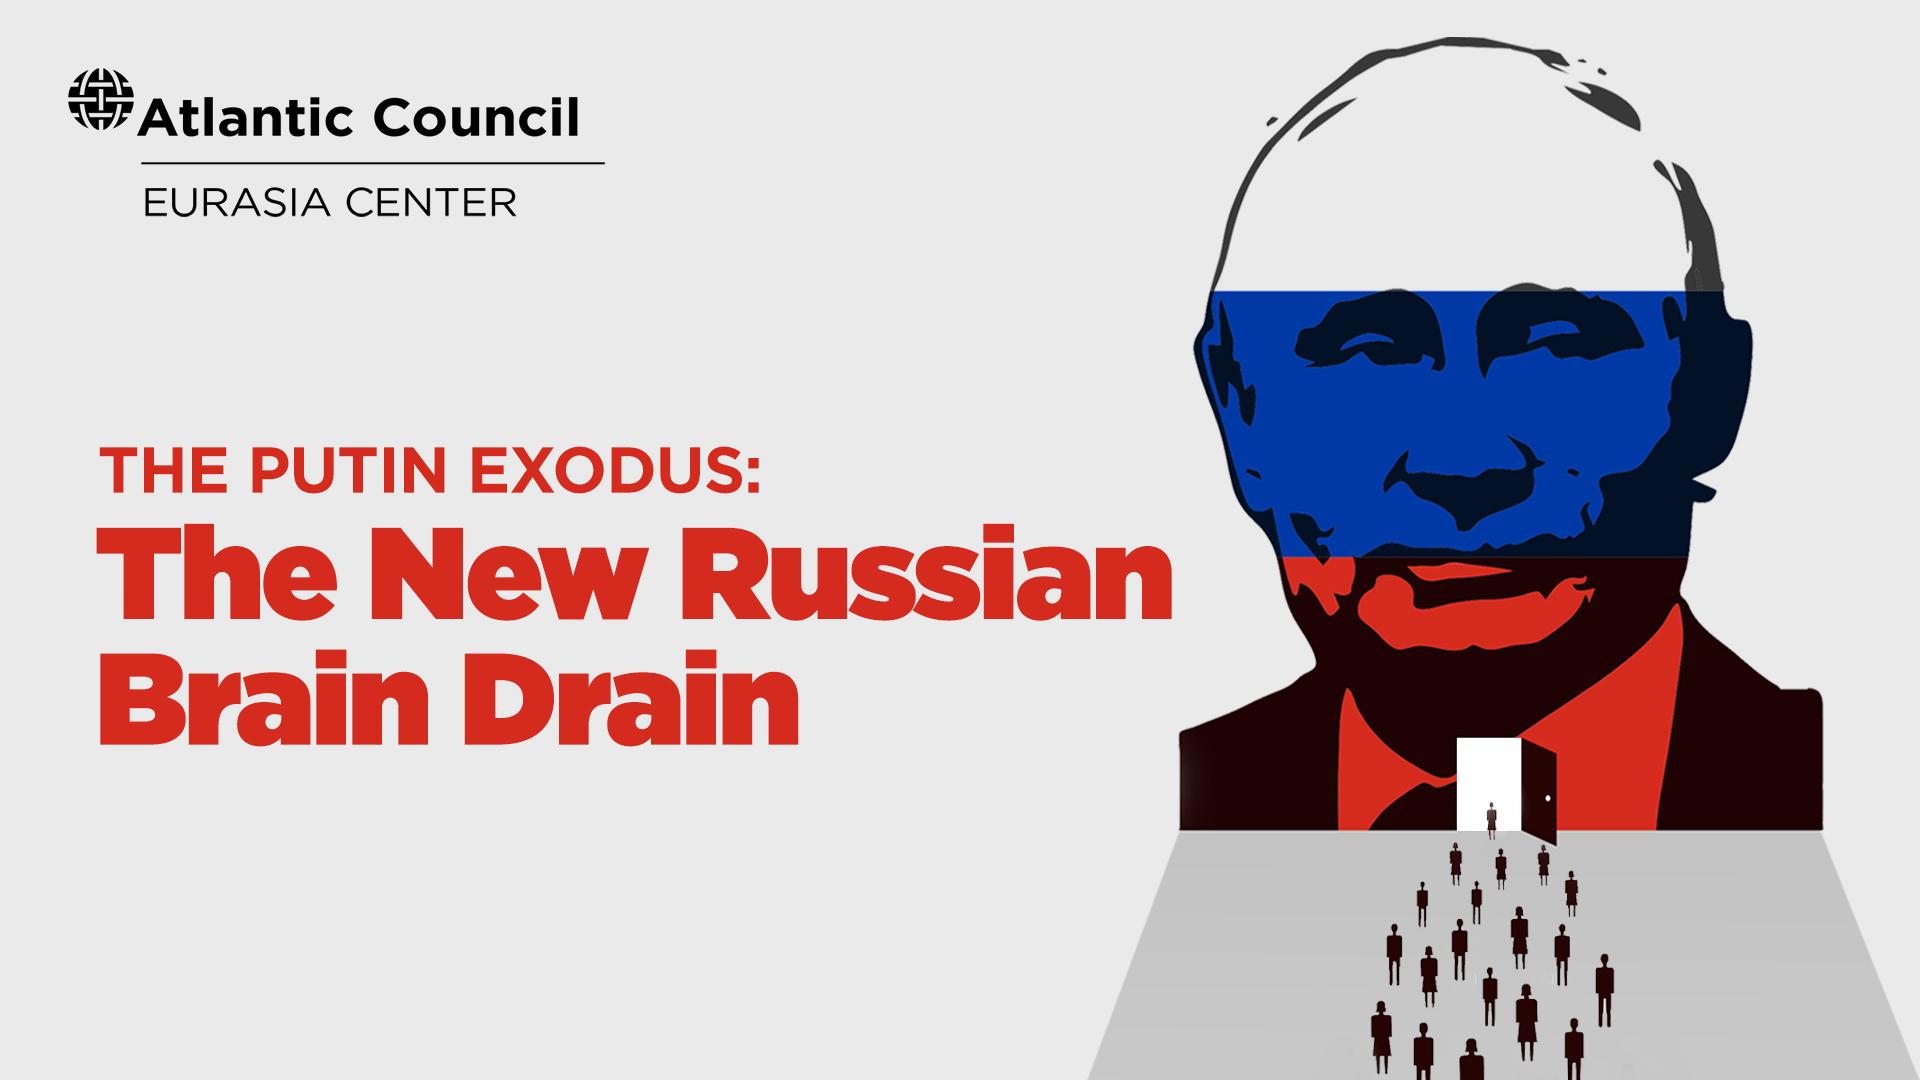 The Putin exodus: The new Russian brain drain